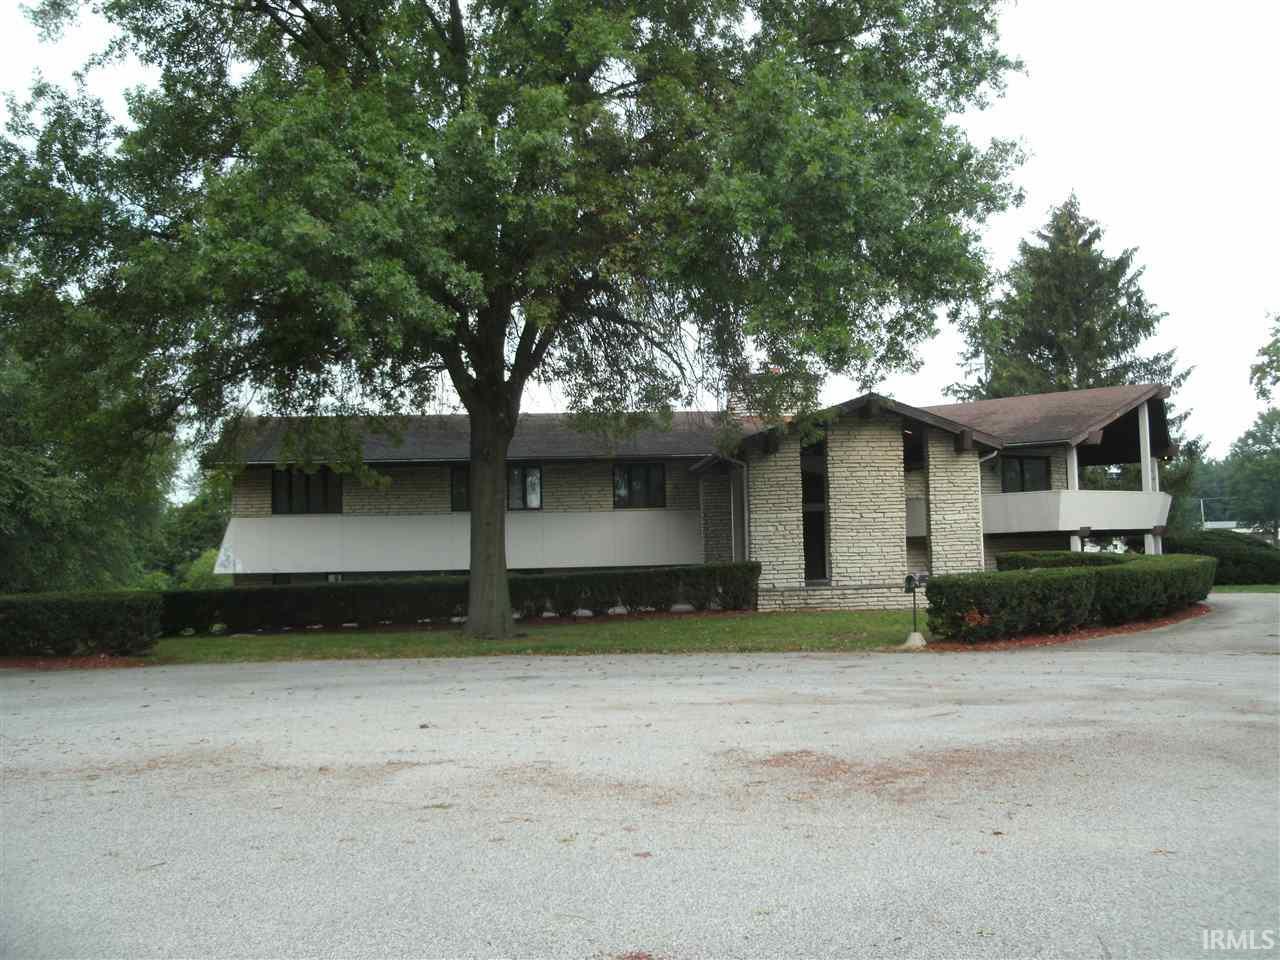 309 Dawn Estates Dr., Middlebury, IN 46540